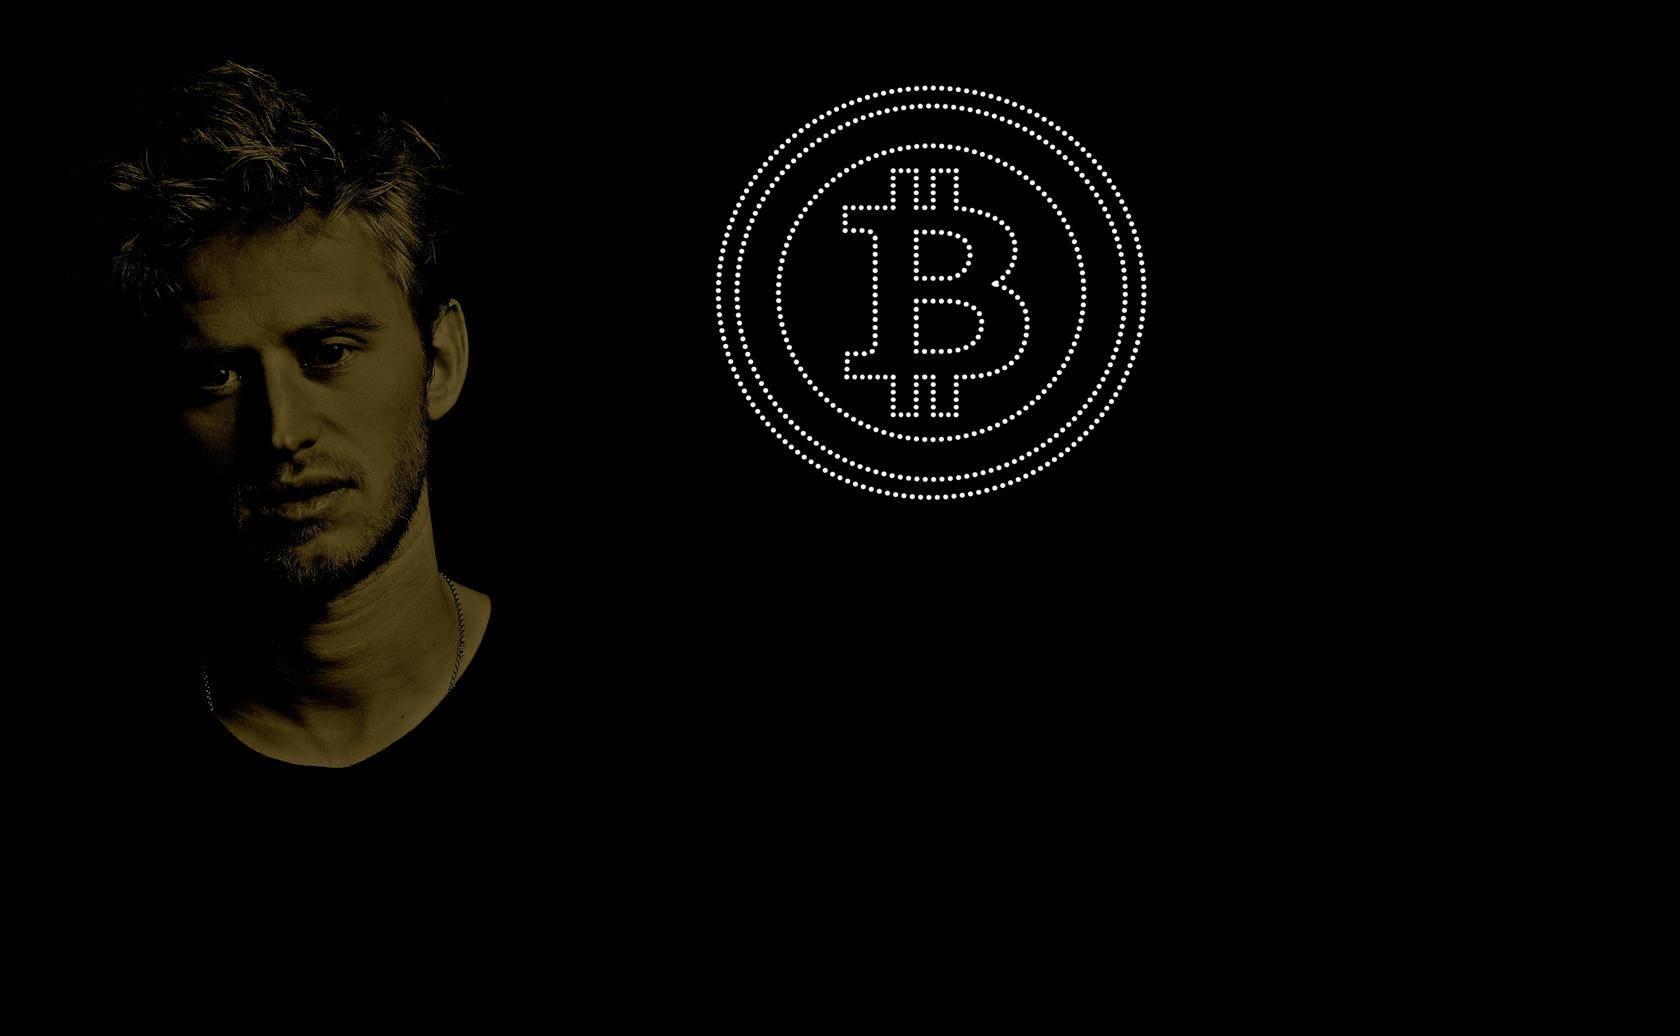 Brian Fabian Crain Bitcoin